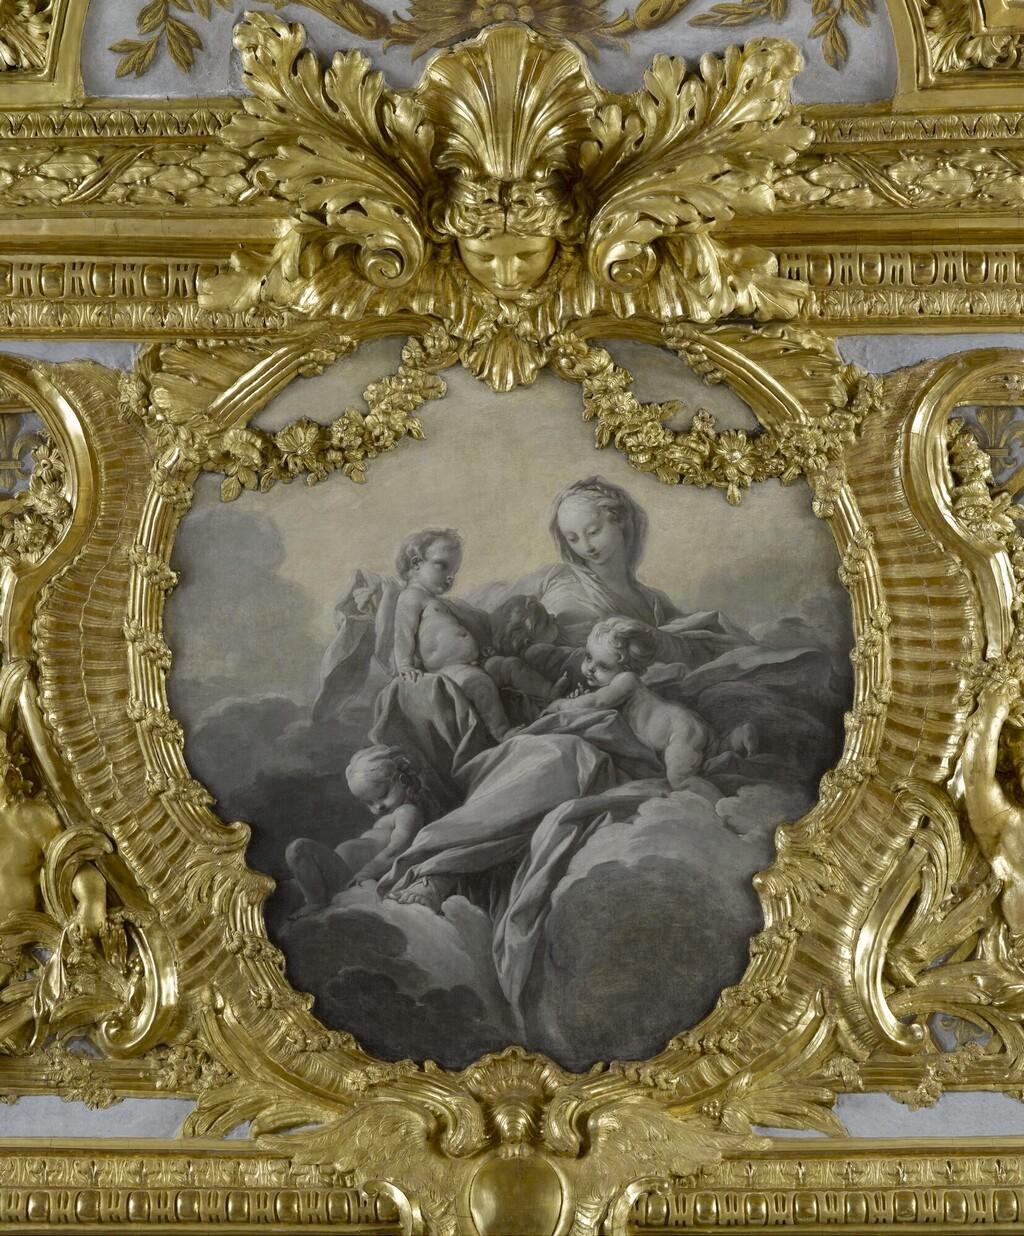 chambre - La chambre de la Reine à Versailles - Page 5 Image240